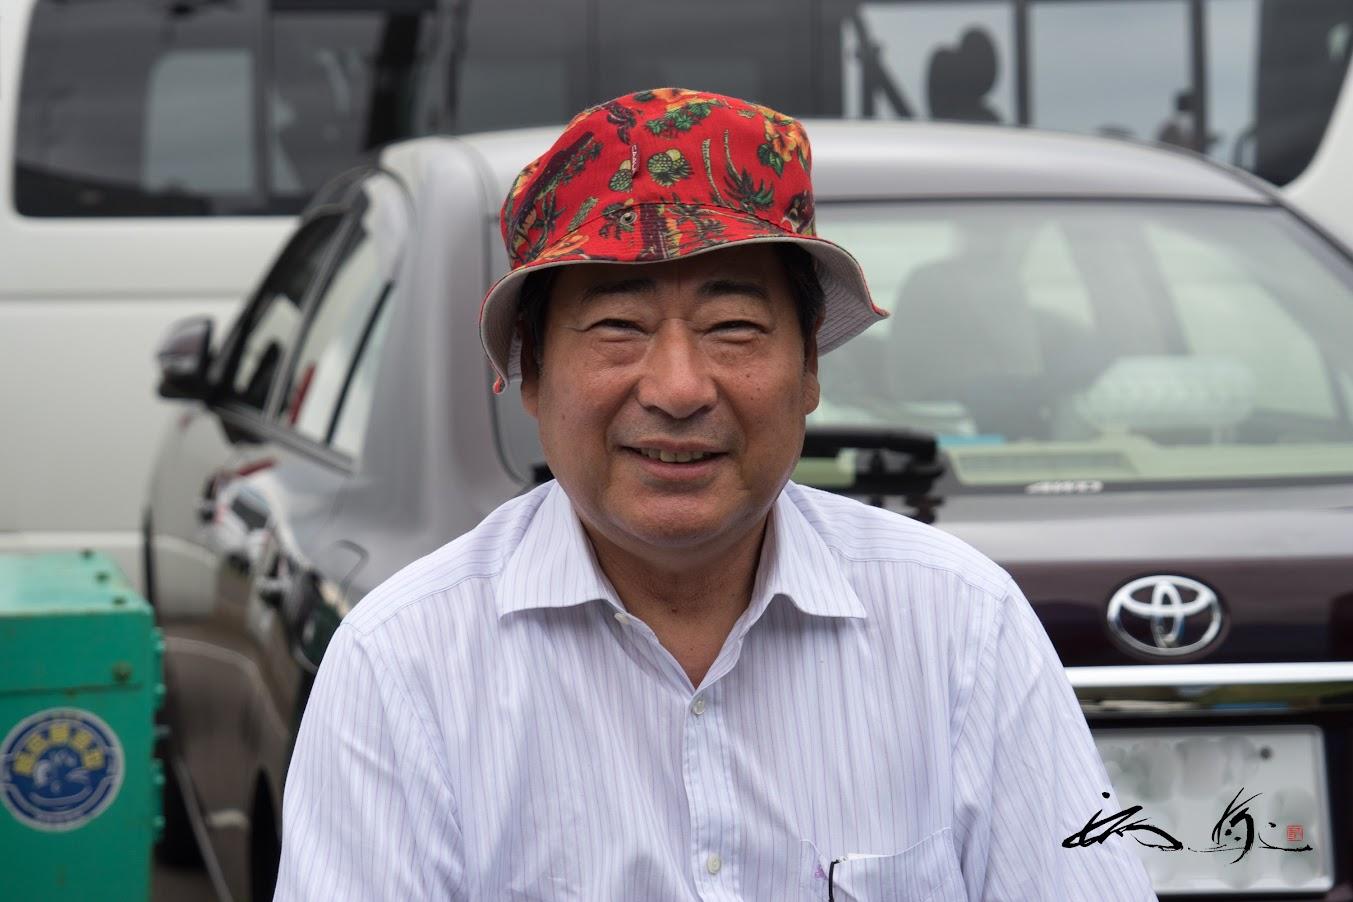 永澤二郎社長も優しい笑顔でおもてなし